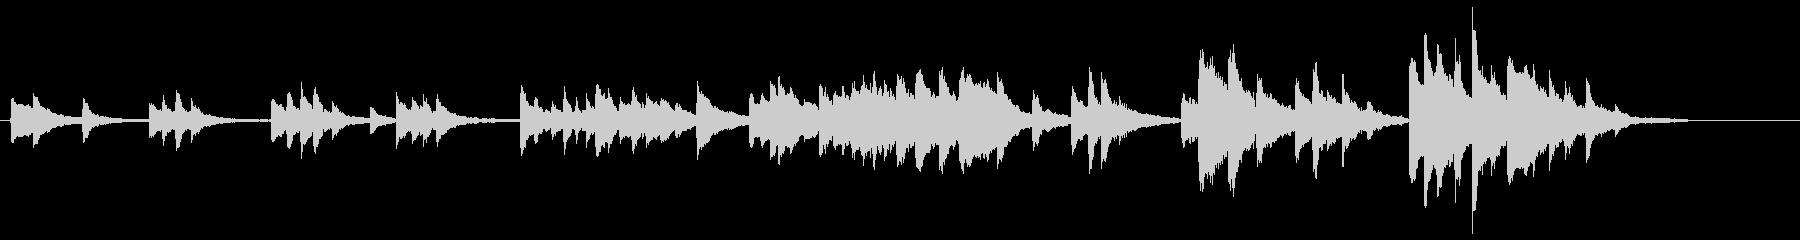 ドビュッシー「月の光」前半部分(ホール)の未再生の波形